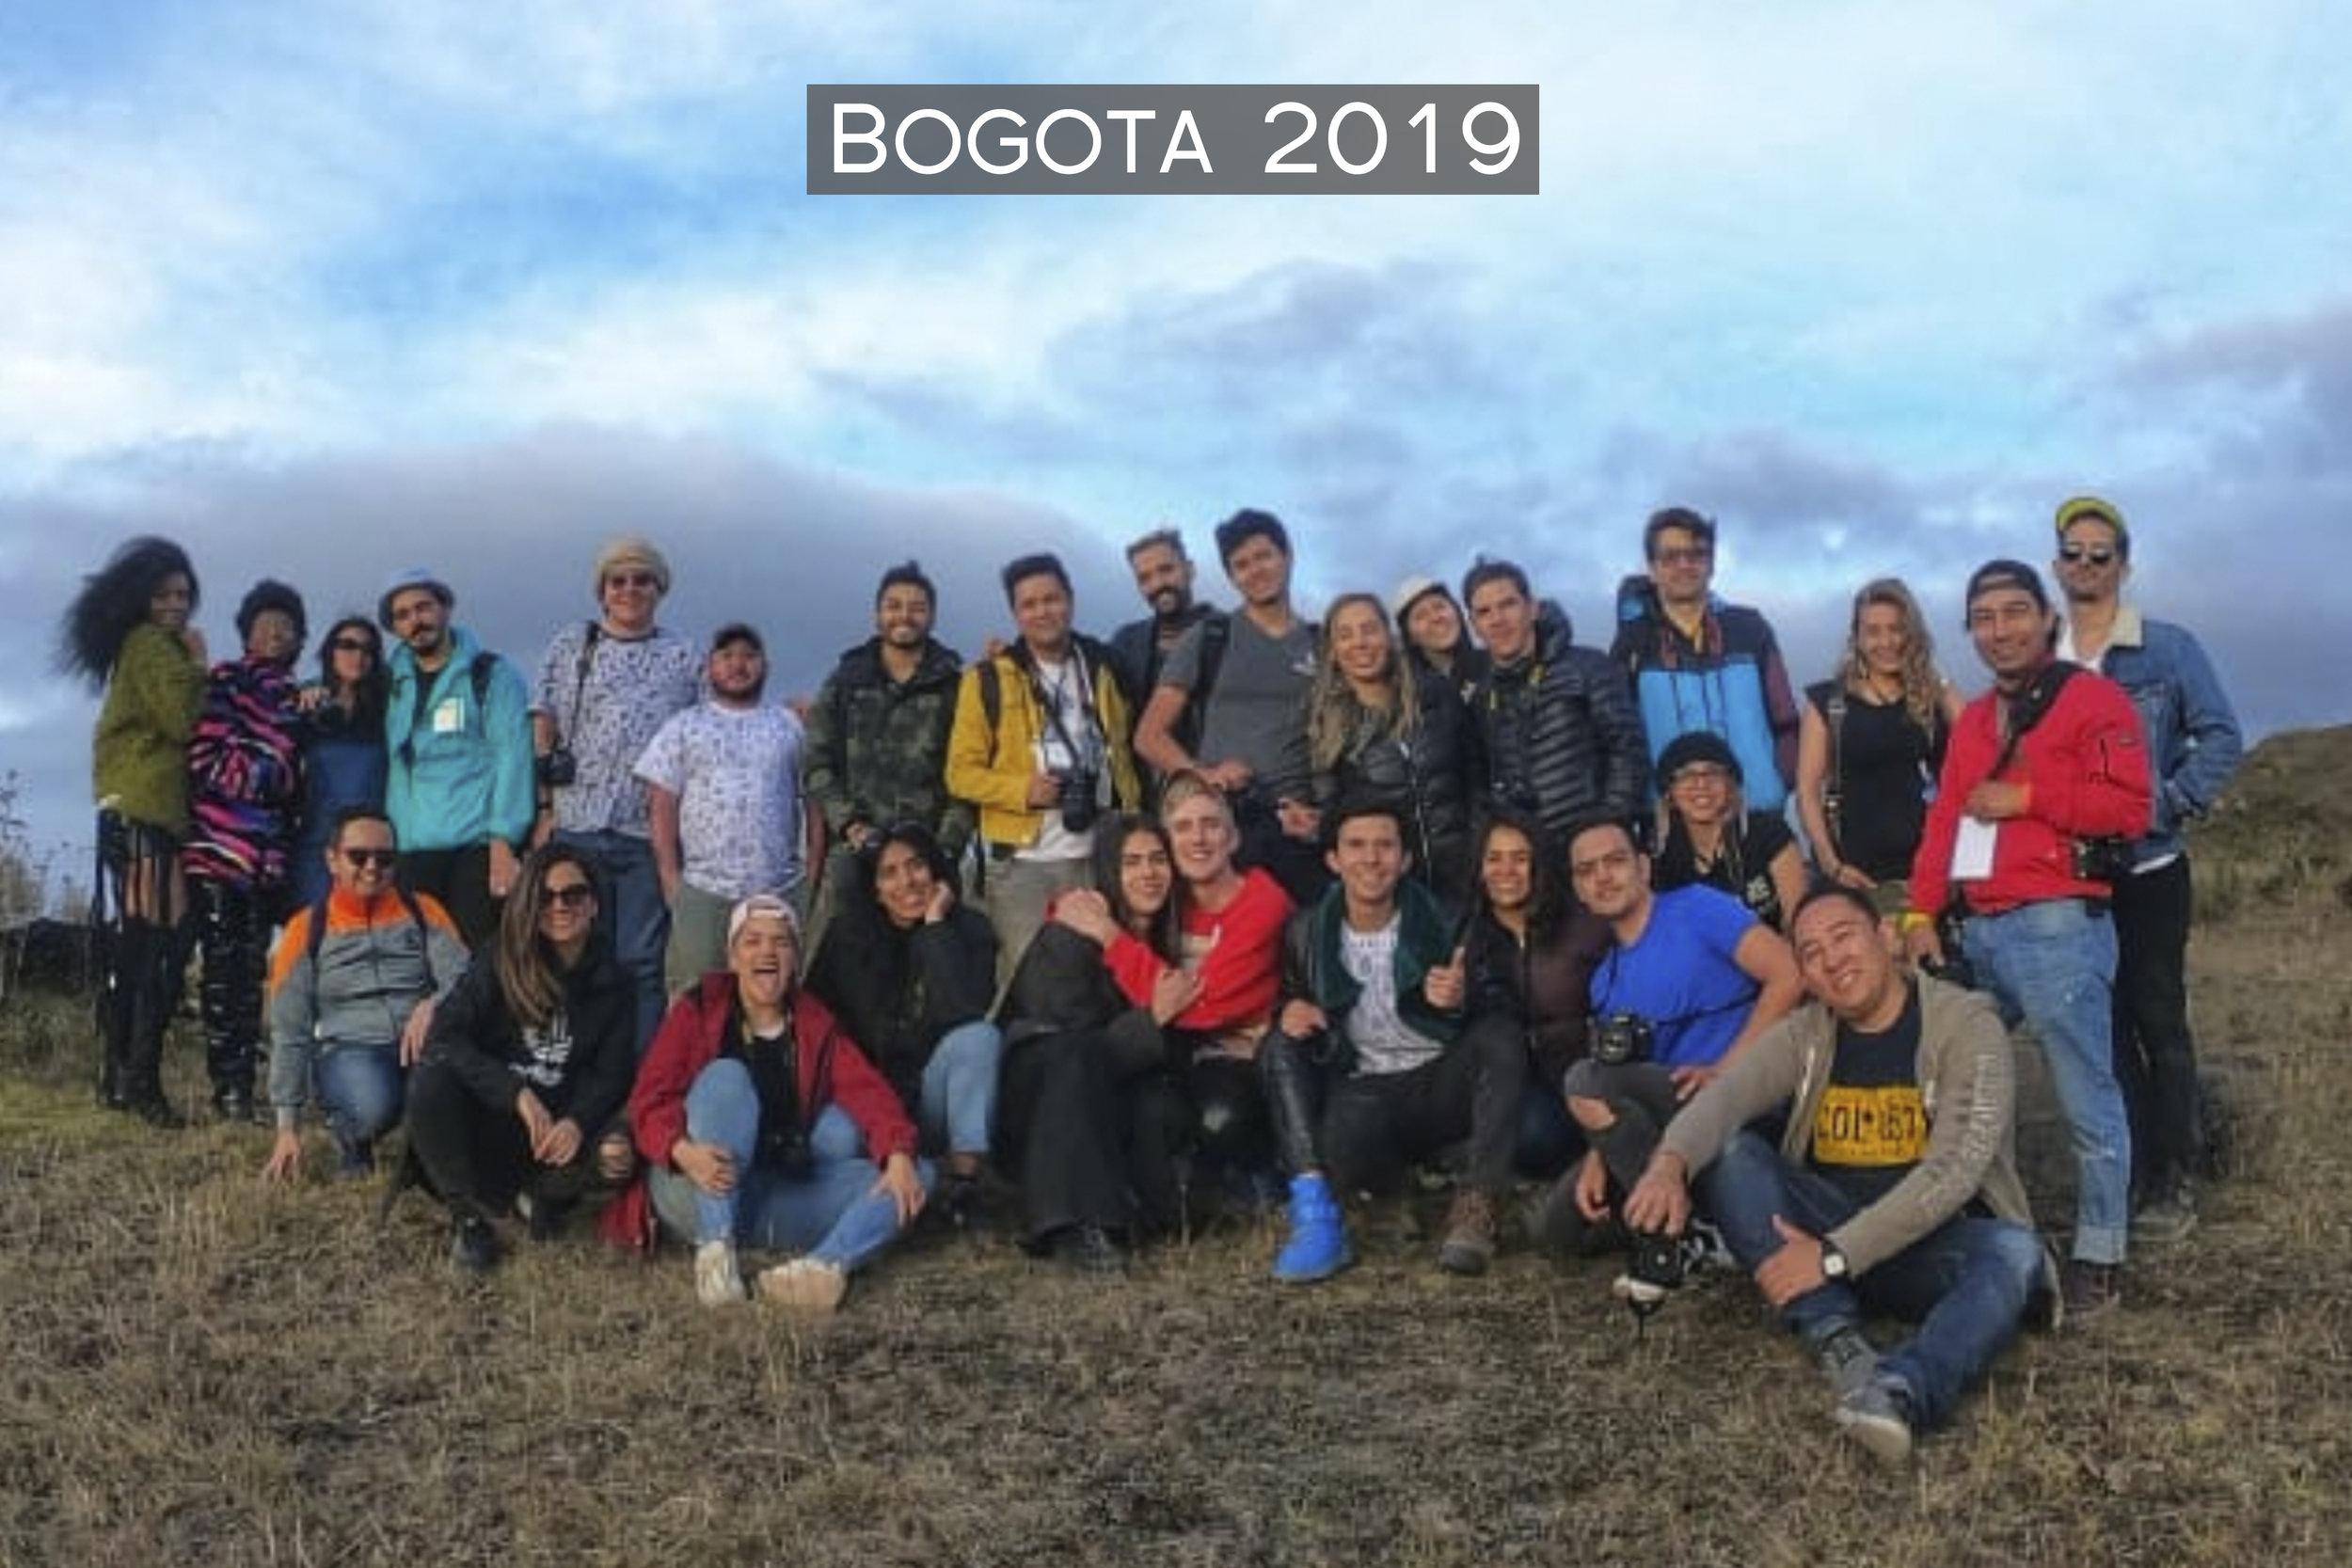 Bogota 2019.jpg